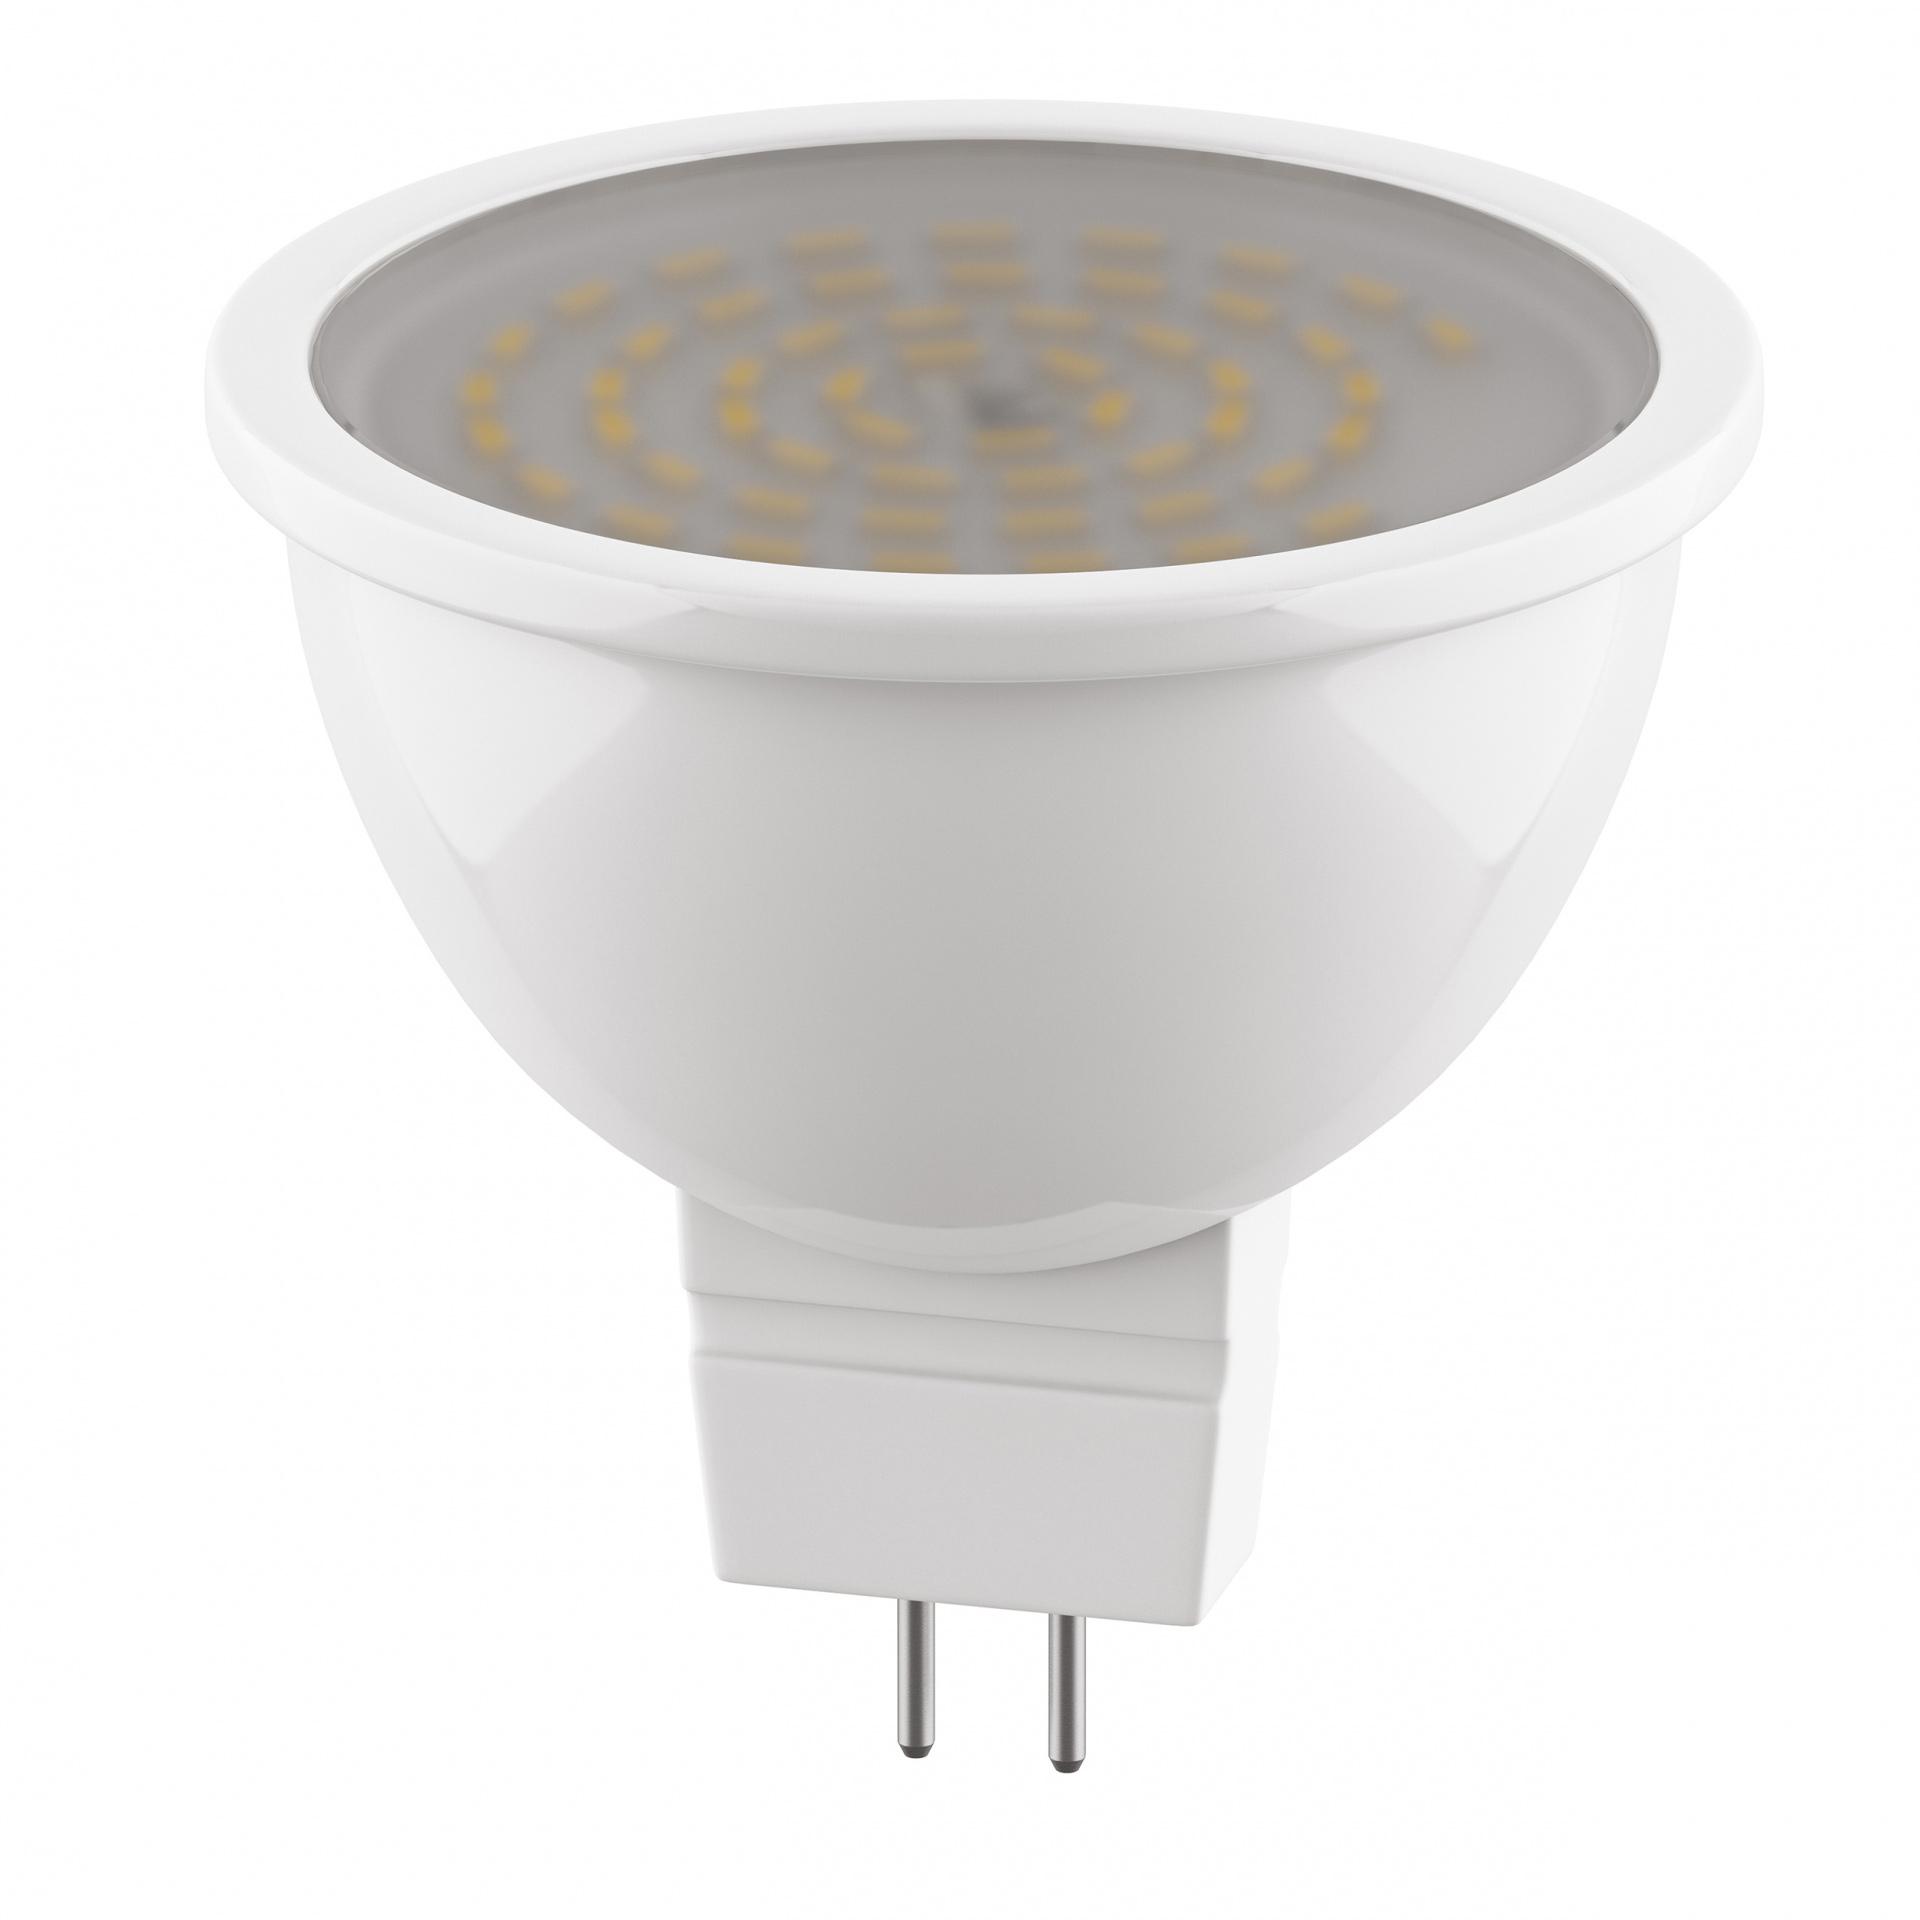 Лампа LED 220V MR16 G5.3 4.5W=40W 195LM 120G FR 4000K 20000H Lightstar 940204, купить в СПб, Москве, с доставкой, Санкт-Петербург, интернет-магазин люстр и светильников Starlight, фото в жизни